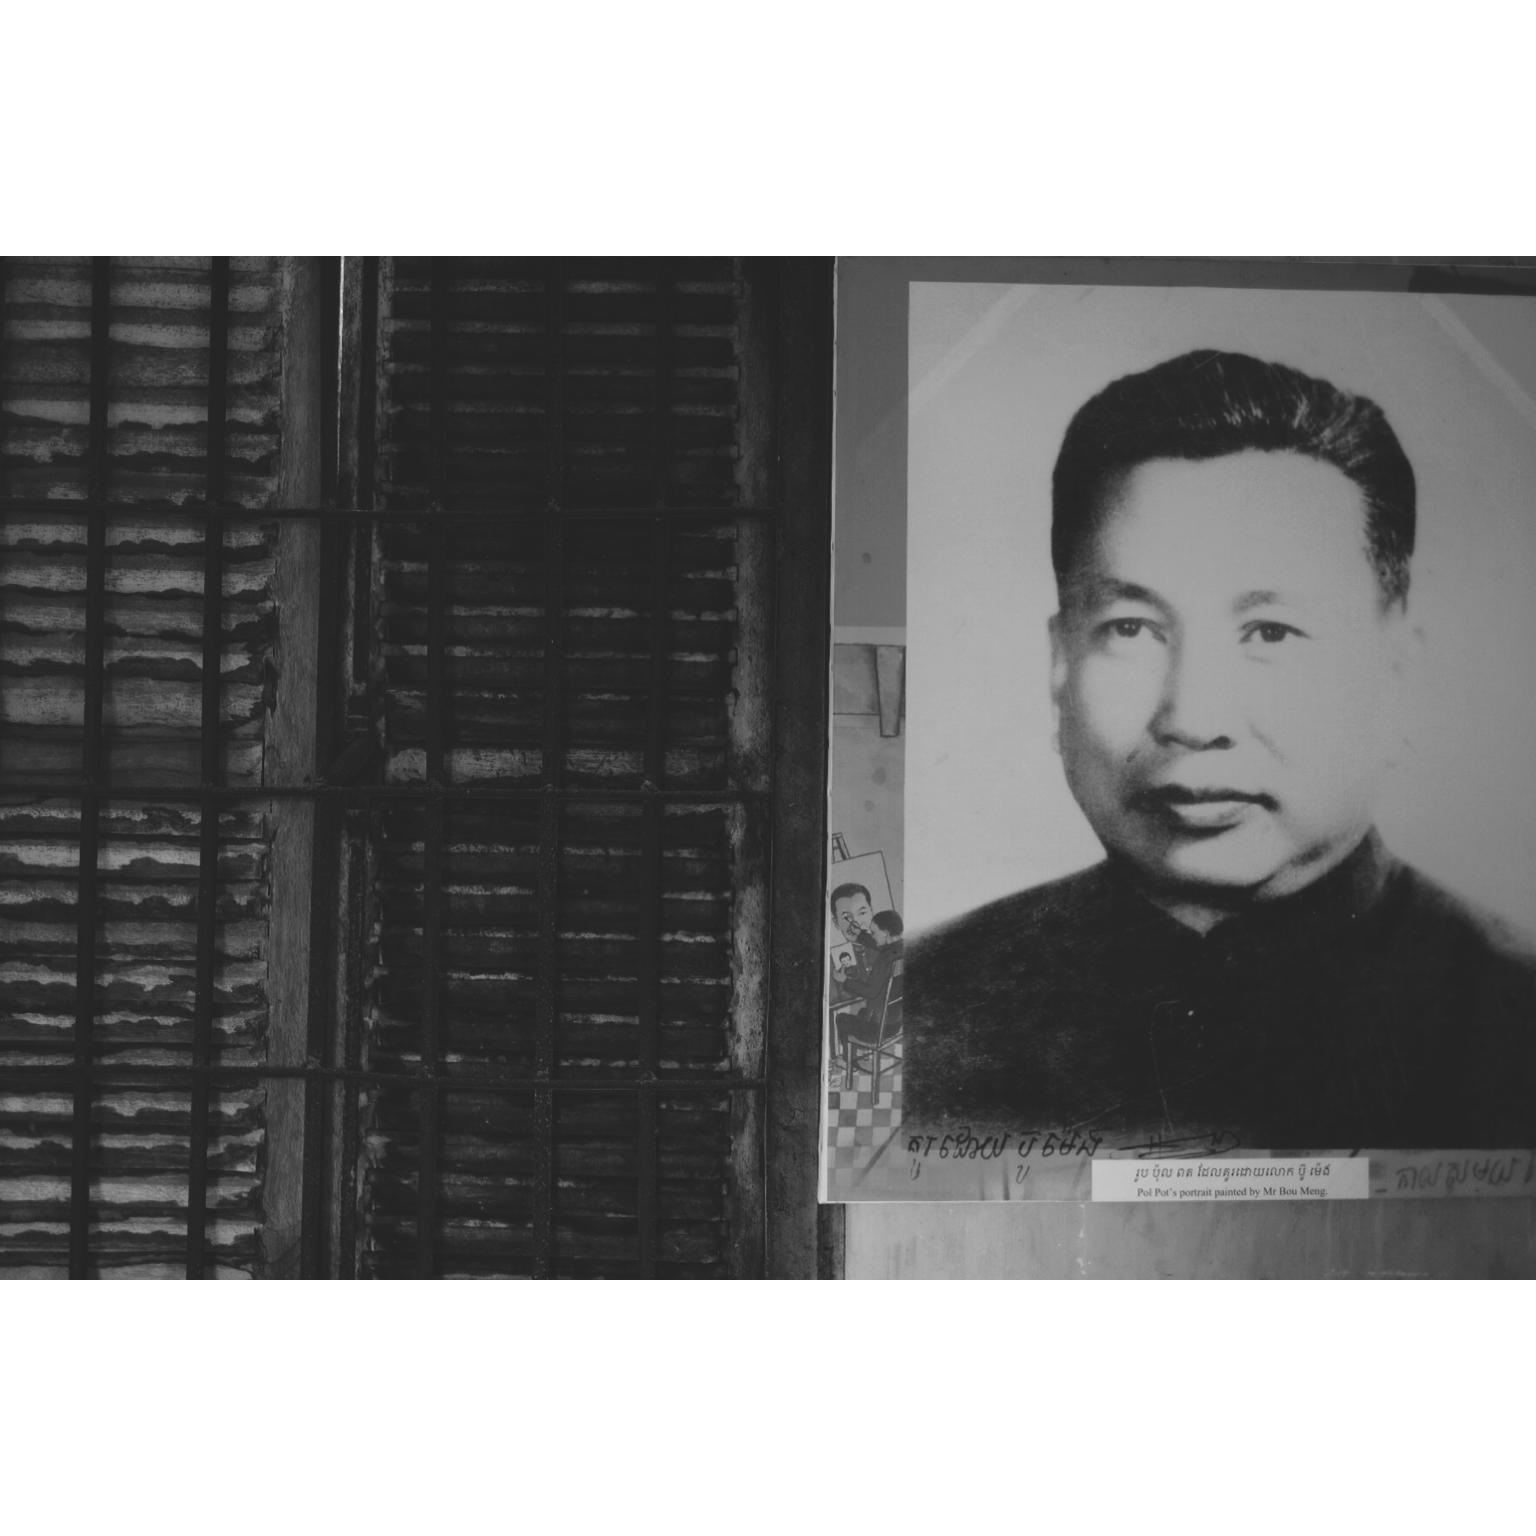 Tuoel Sleng